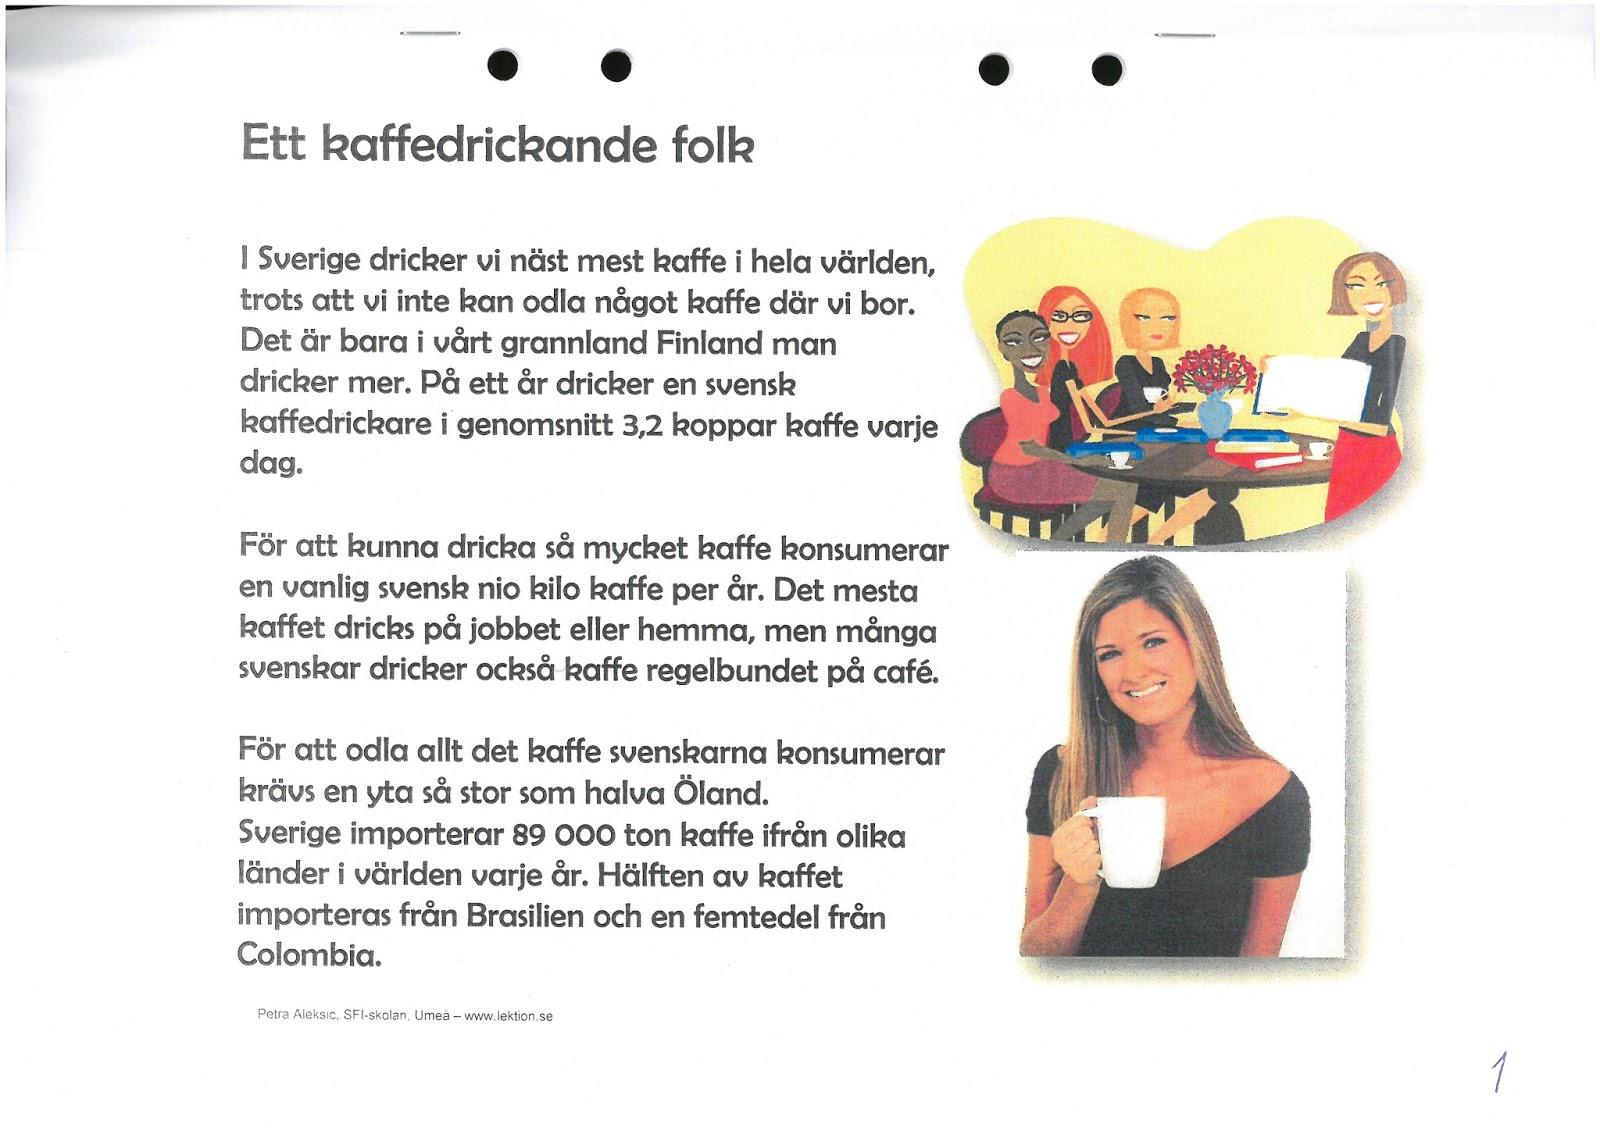 hur mycket kaffe dricker svenskar